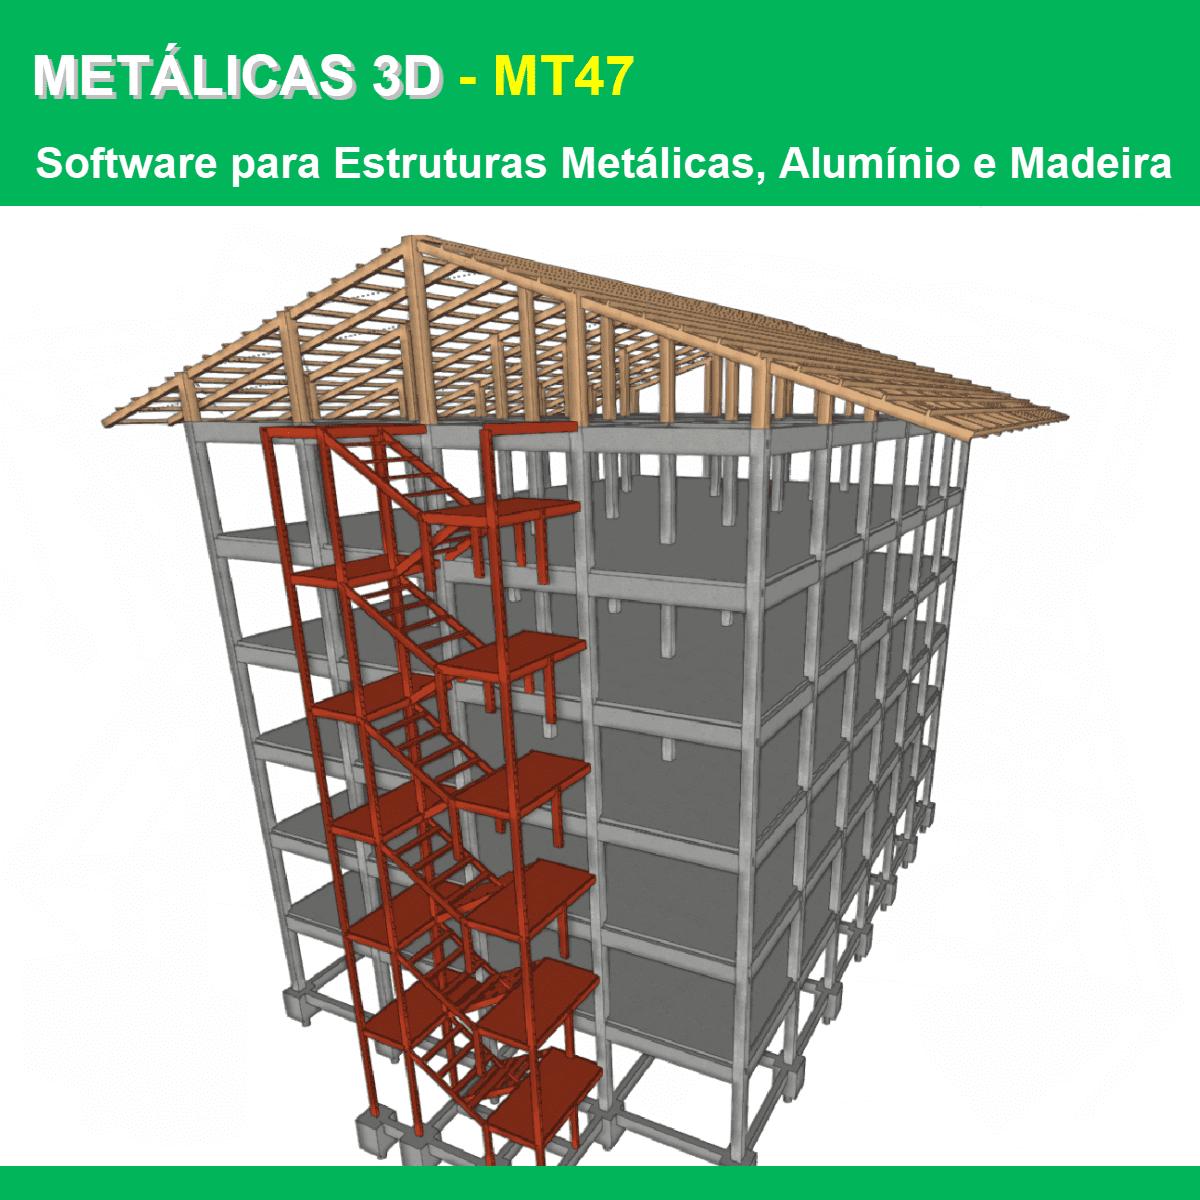 """Software Metálicas 3D MT47 versão 2022 (Licença Eletrônica) incluindo a modulação descrita em """"Itens Inclusos"""" a seguir  - MULTIPLUS SOFTWARES"""